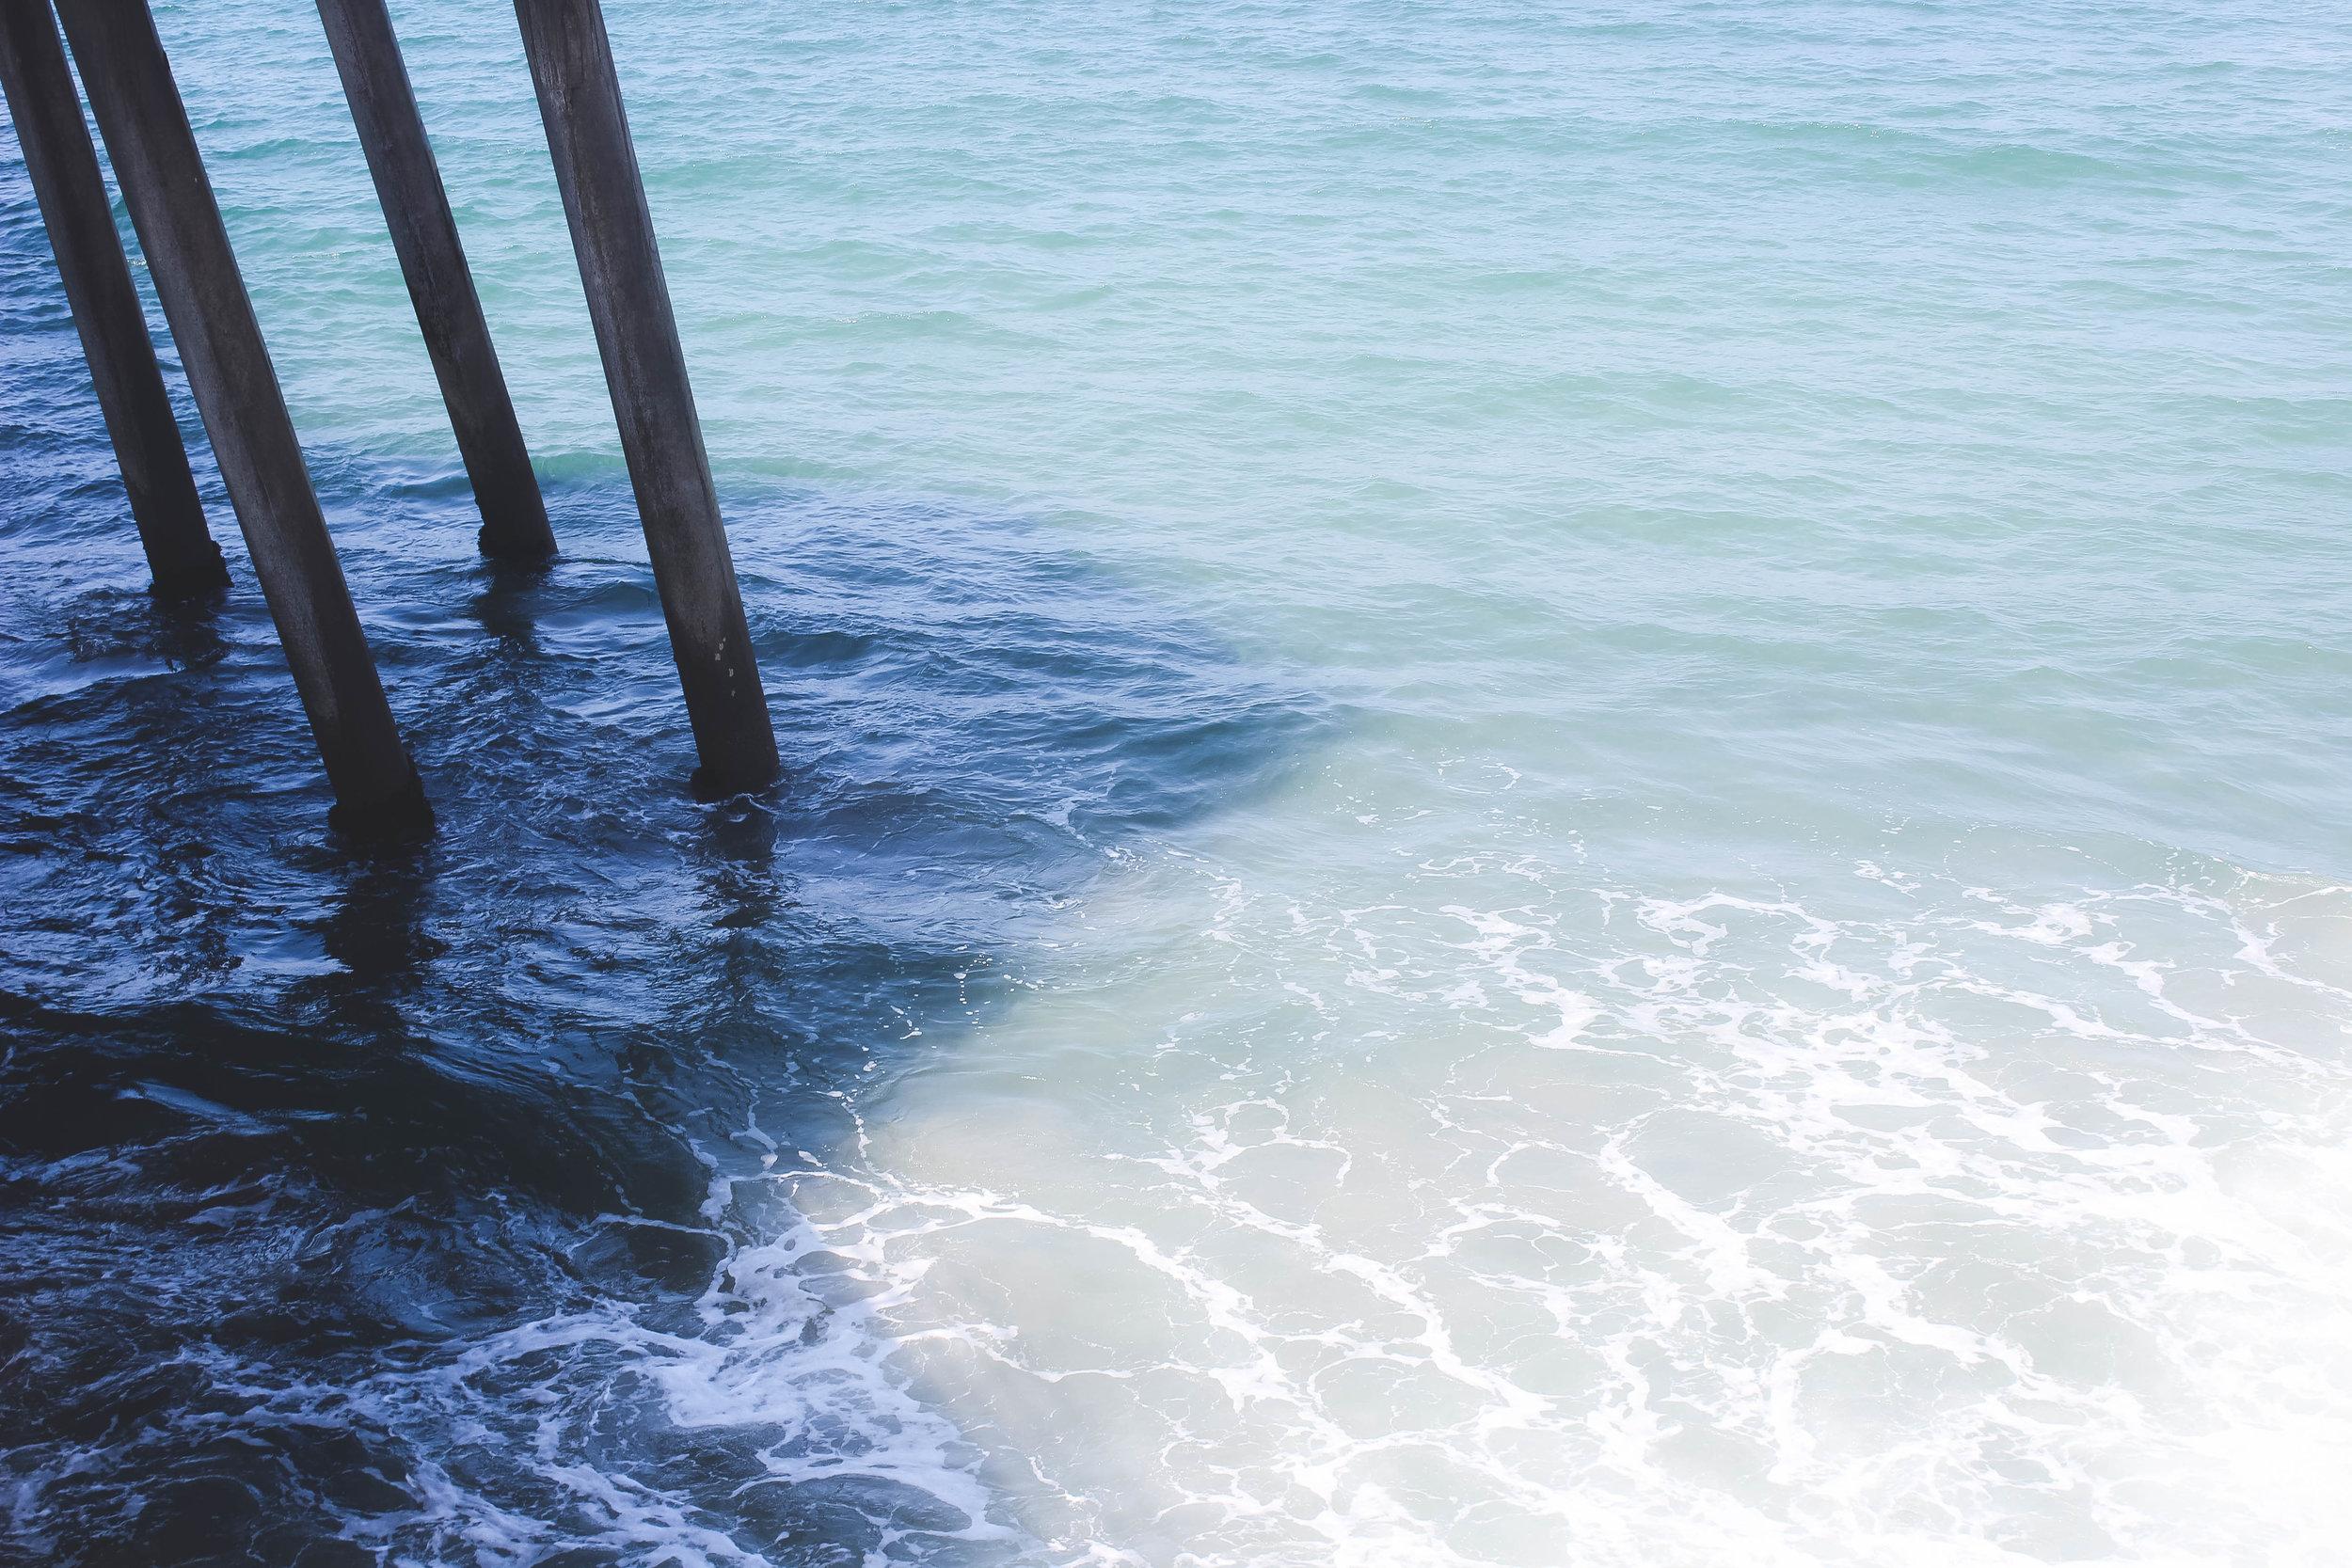 huntington beach, ca - taylorkristiina.com